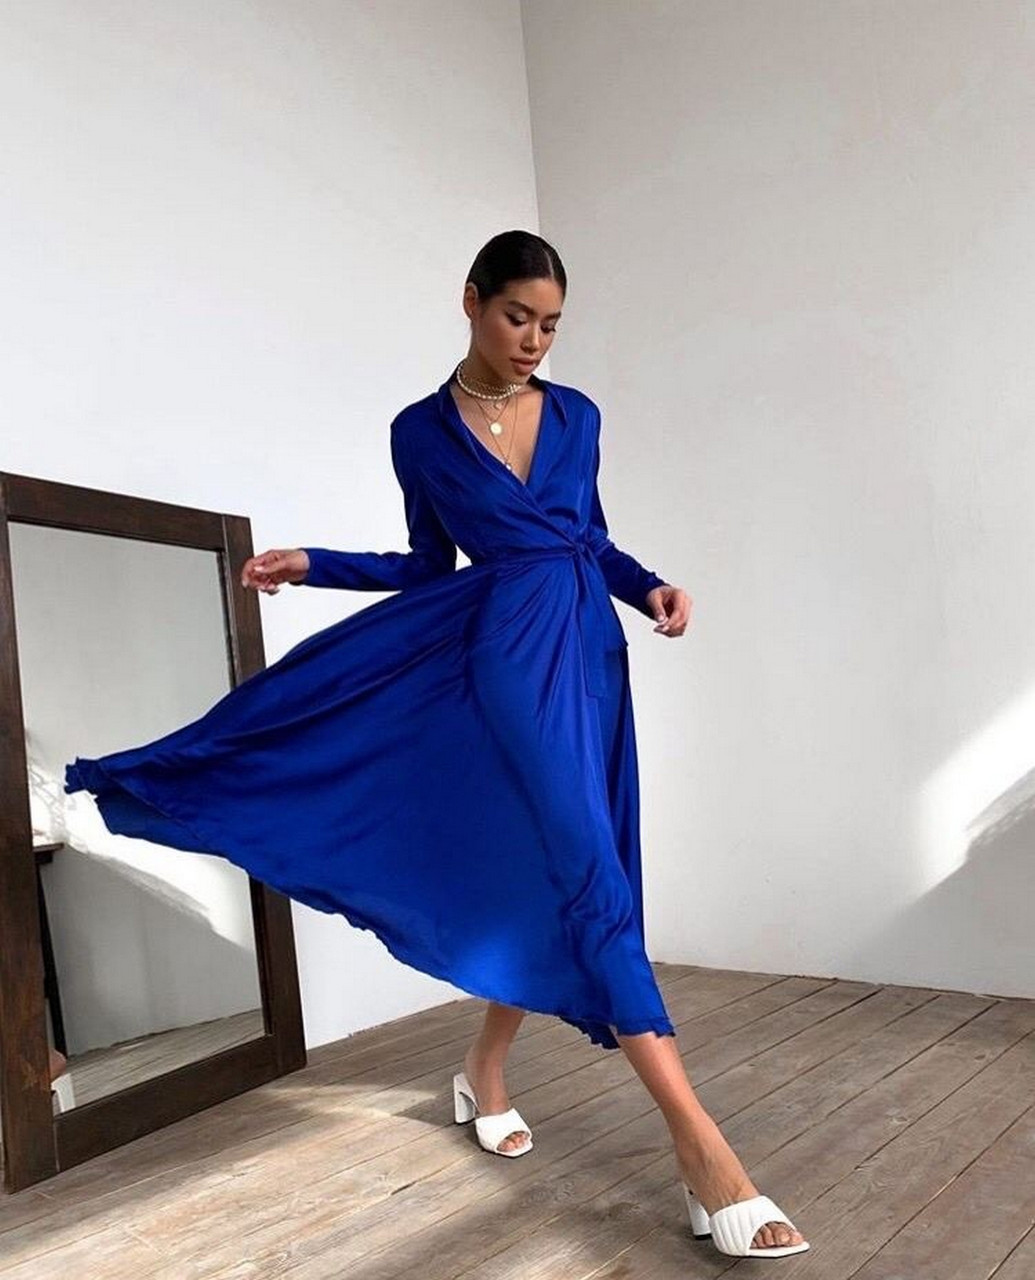 Жіночне шовкове плаття з кроєм на запах, 00617 (Темно-синій), Розмір 44 (M)